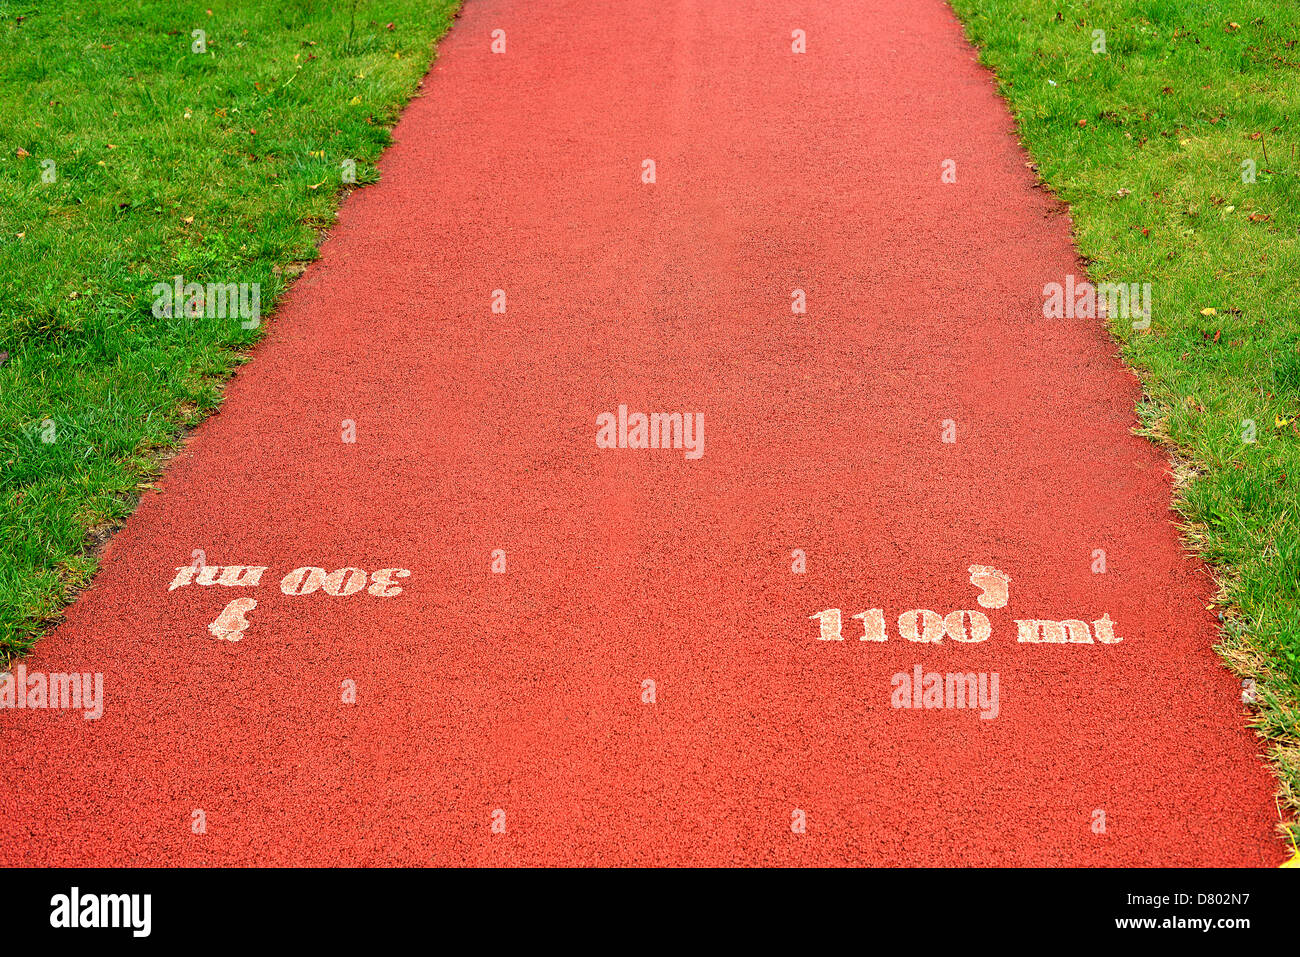 Pista de Atletismo cubierta de goma de textura para el fondo Imagen De Stock